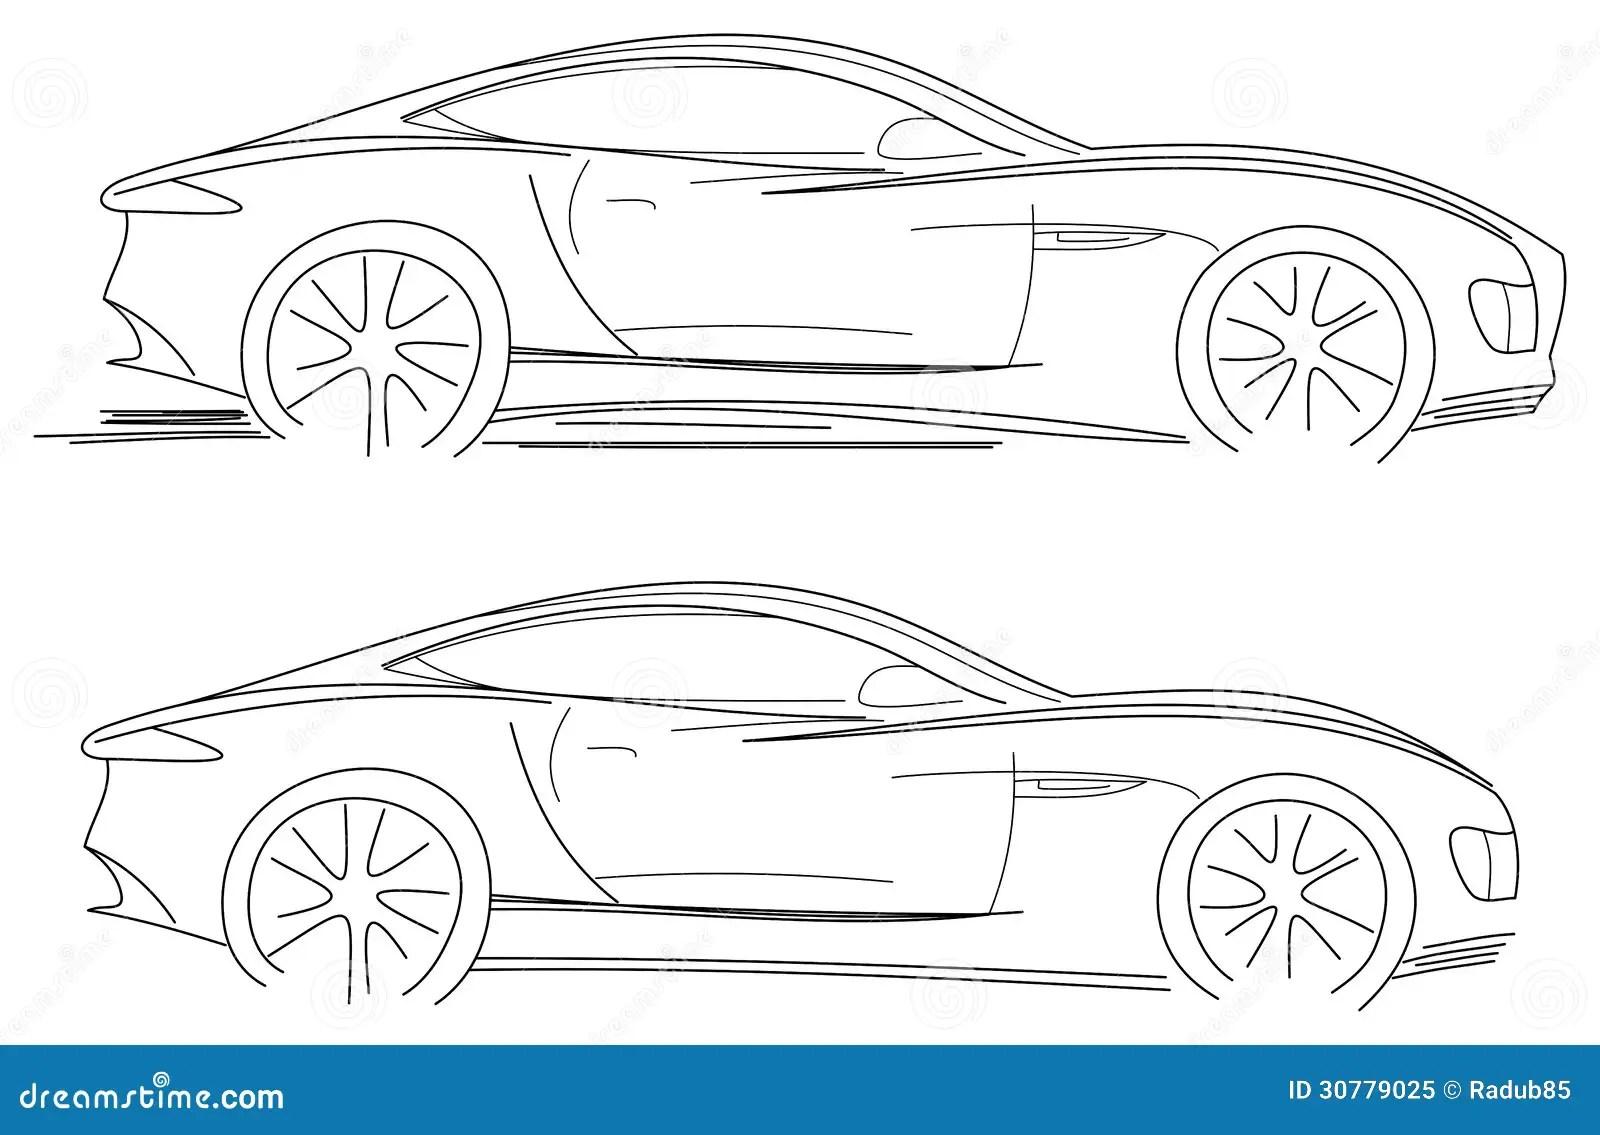 Sportwagen Skizze Vektor Abbildung Illustration Von